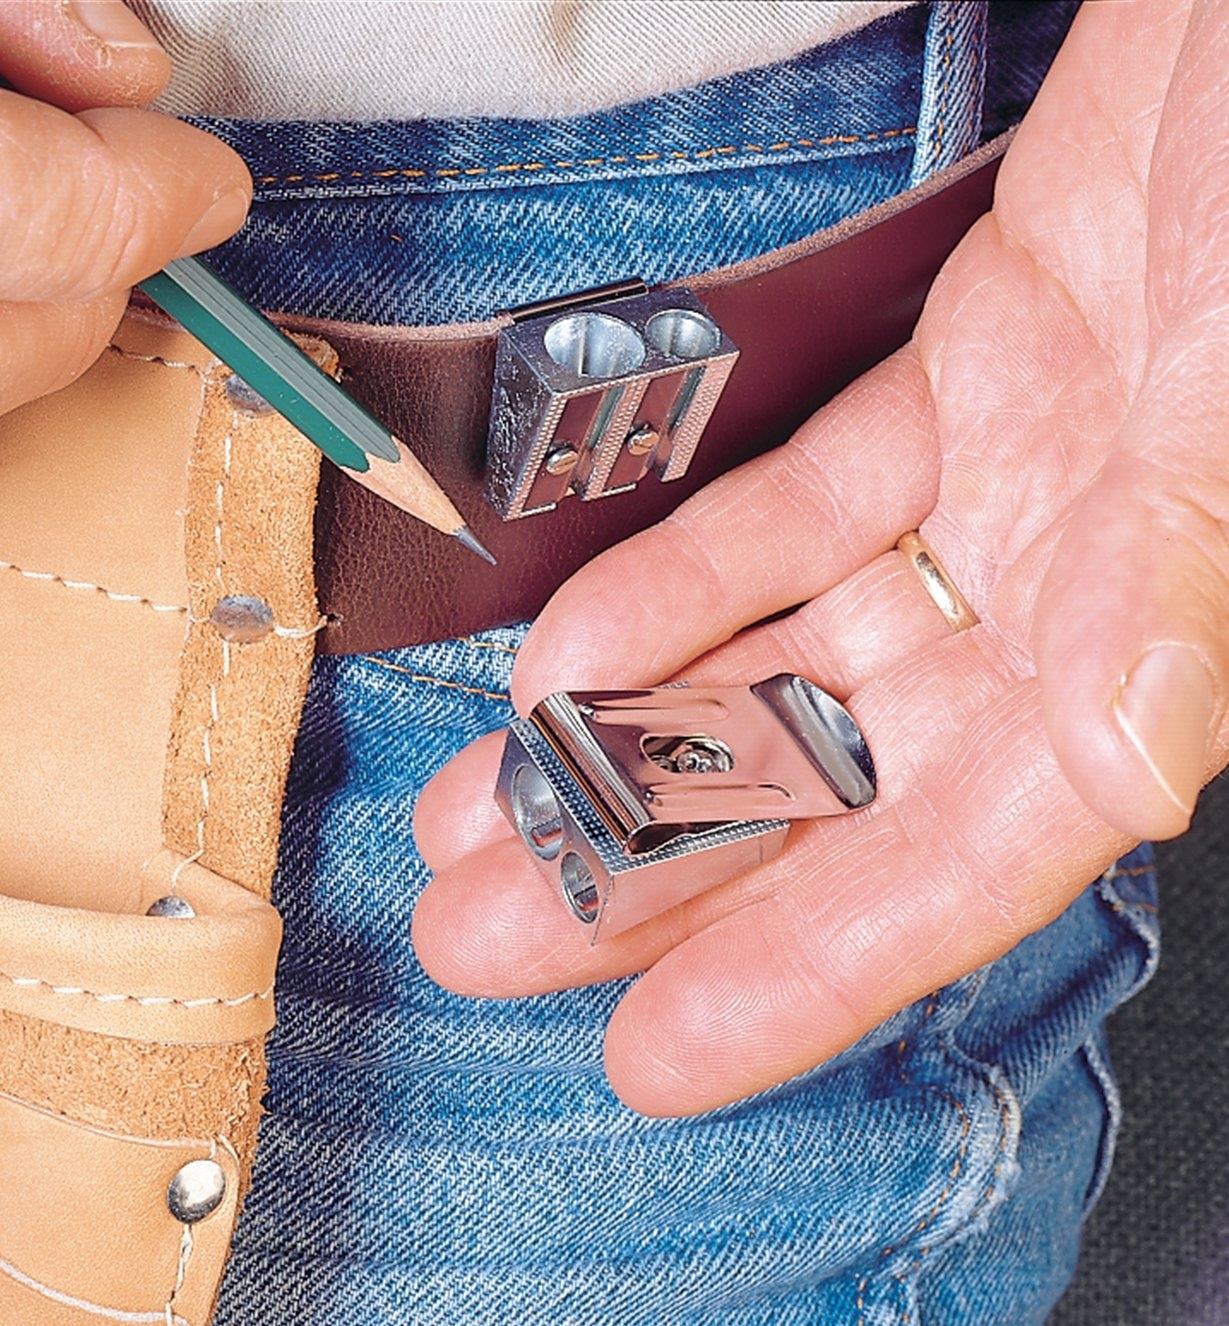 50K1302 - Pinces pour ceinture, le paquet de6